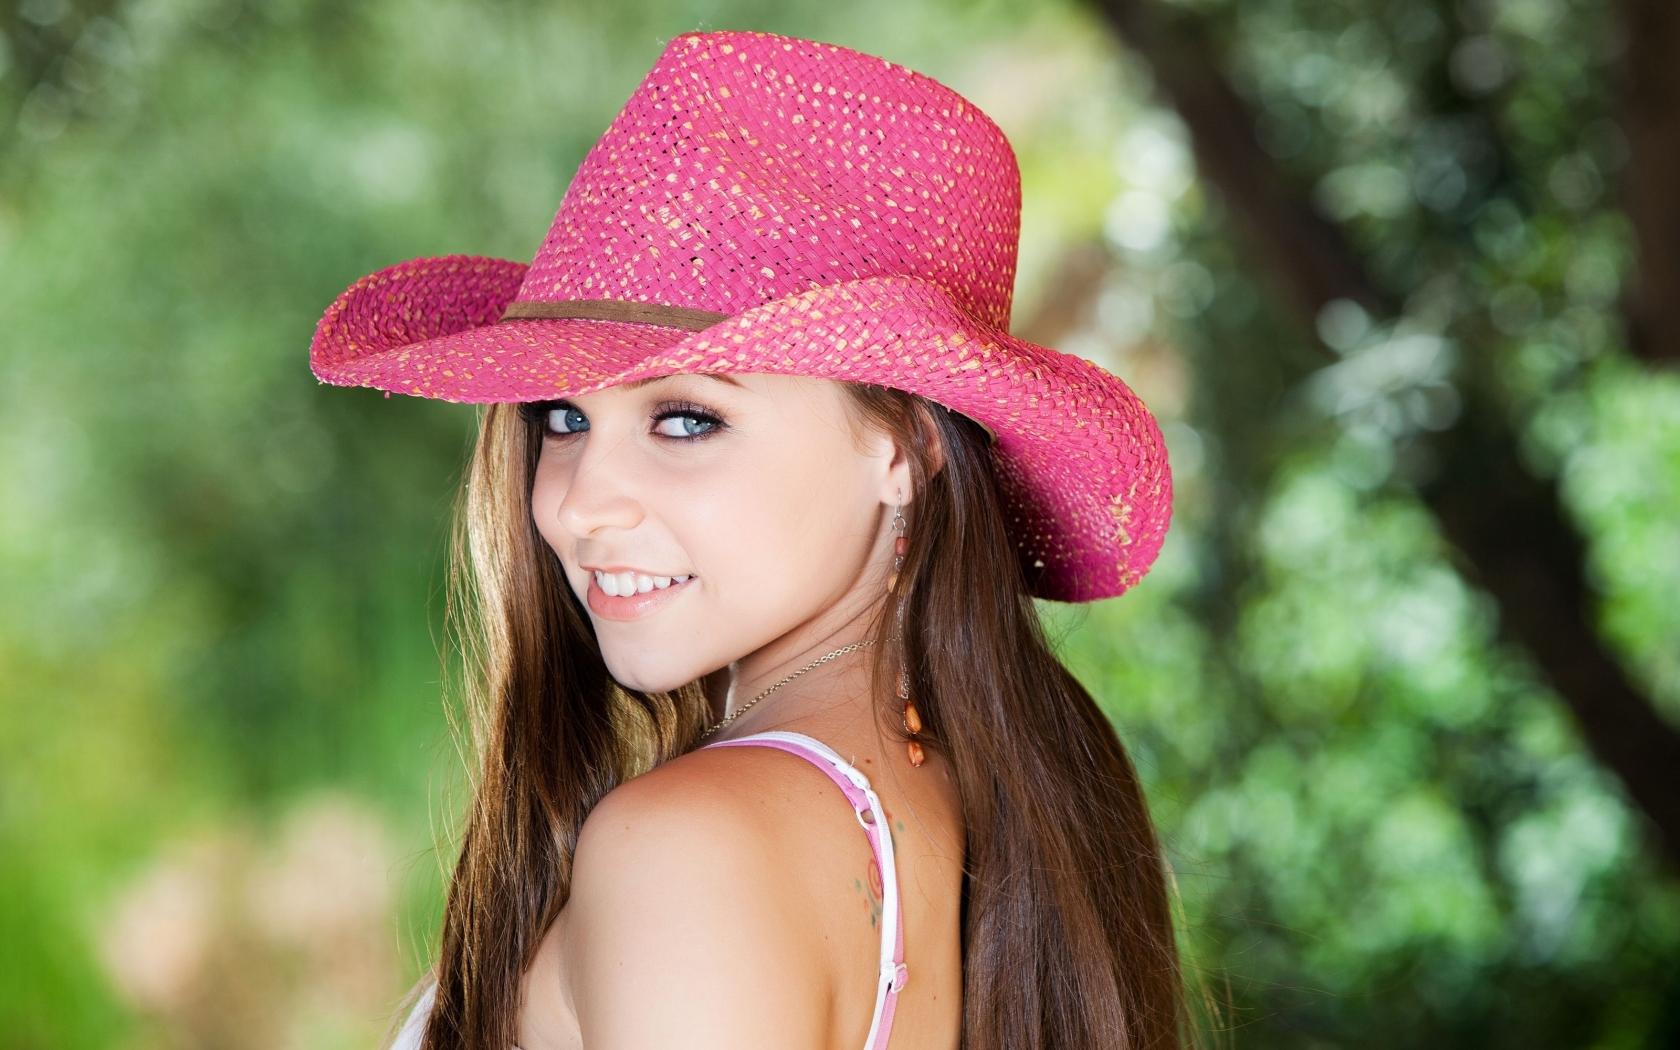 Sombrero rosado - 1680x1050